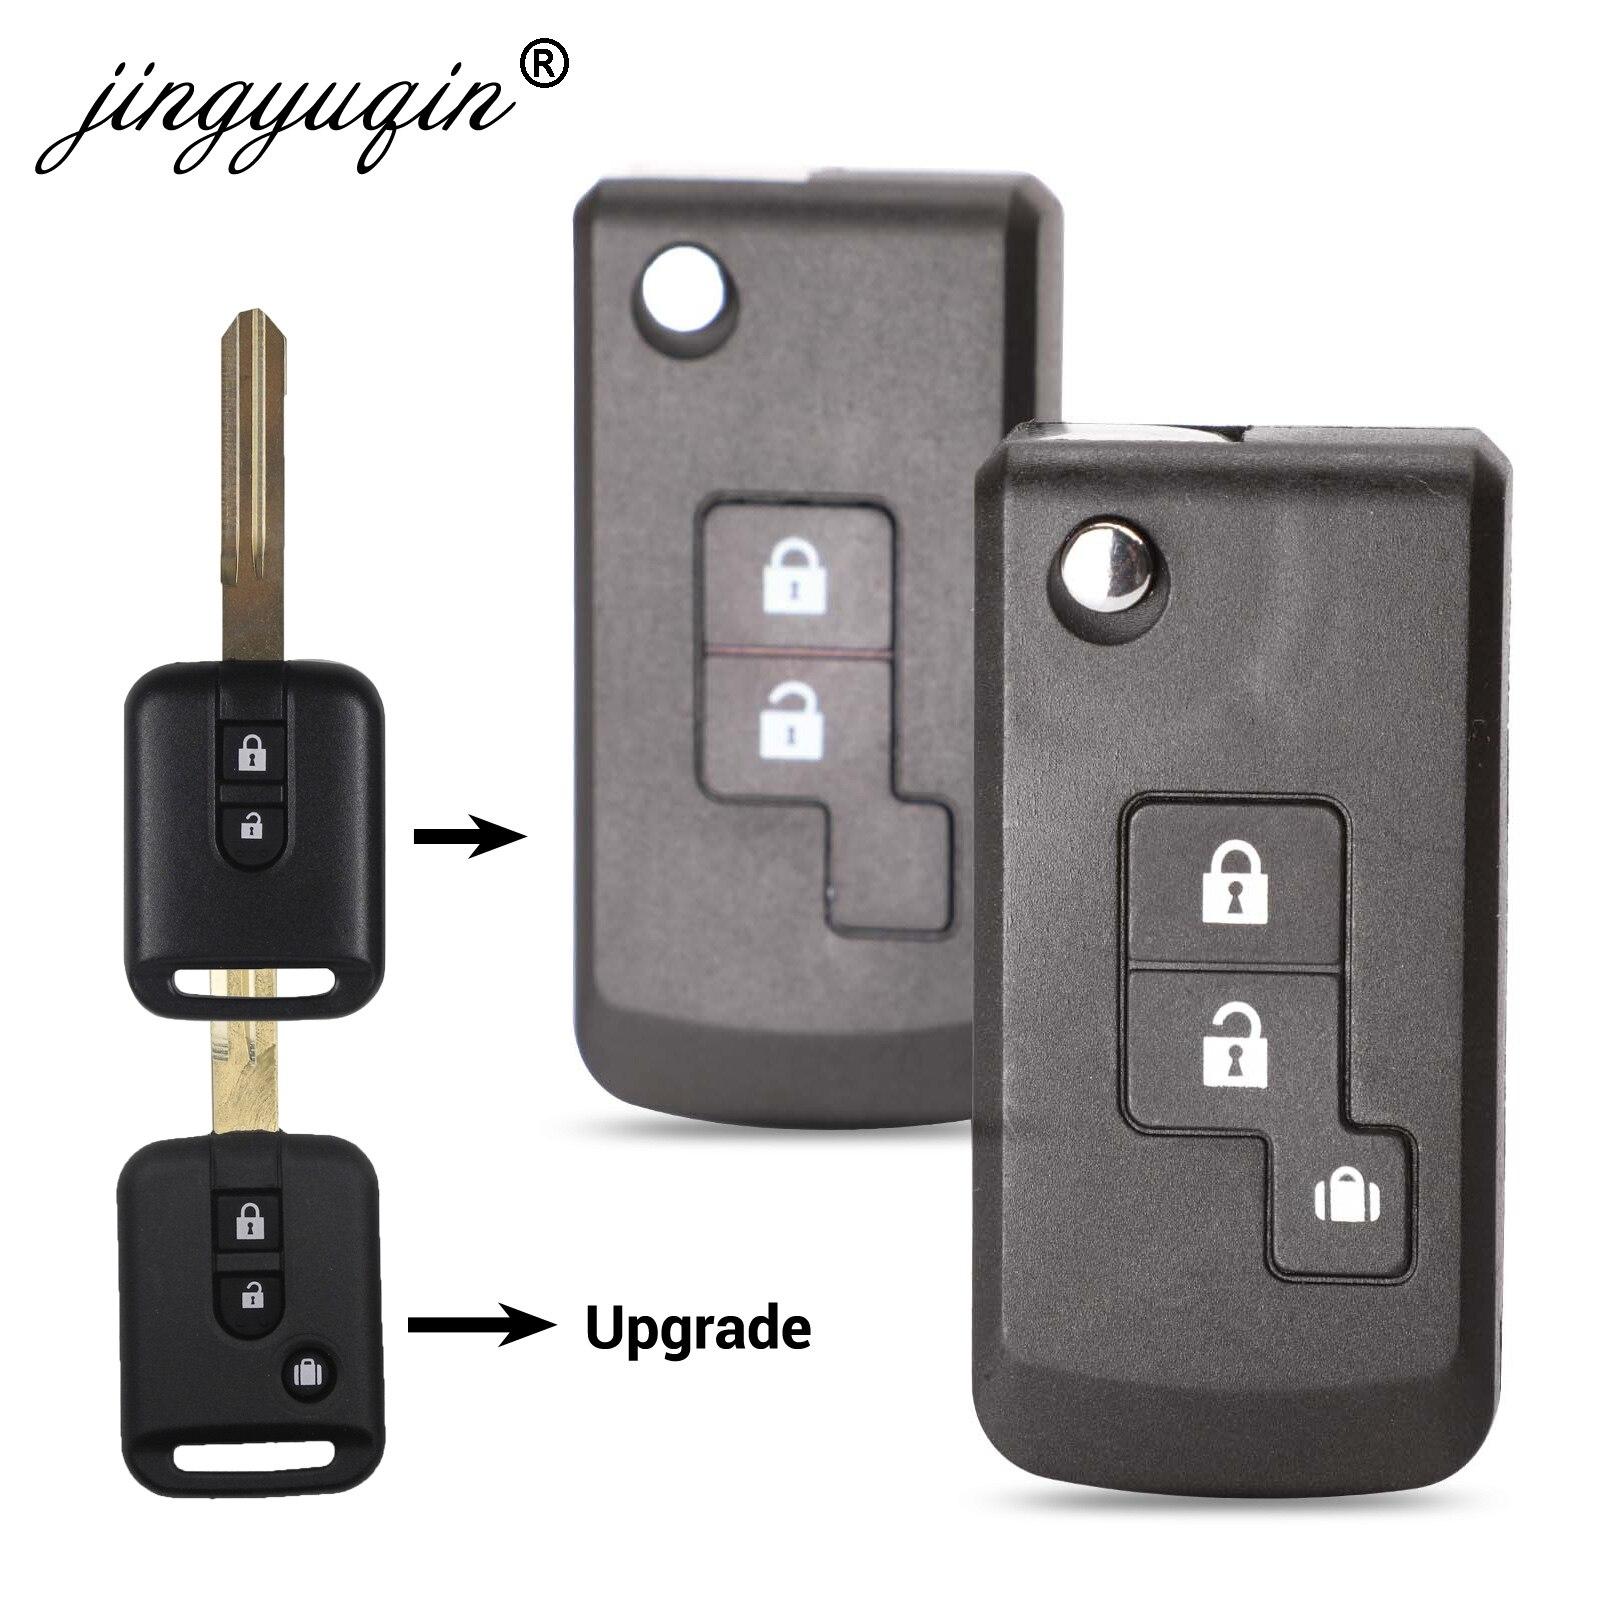 Jingyuqin 2/3 Button Modified Flip Car Remote Key Shell Case For Nissan Qashqai Primera Micra Navara Almera Note Sunny New Style